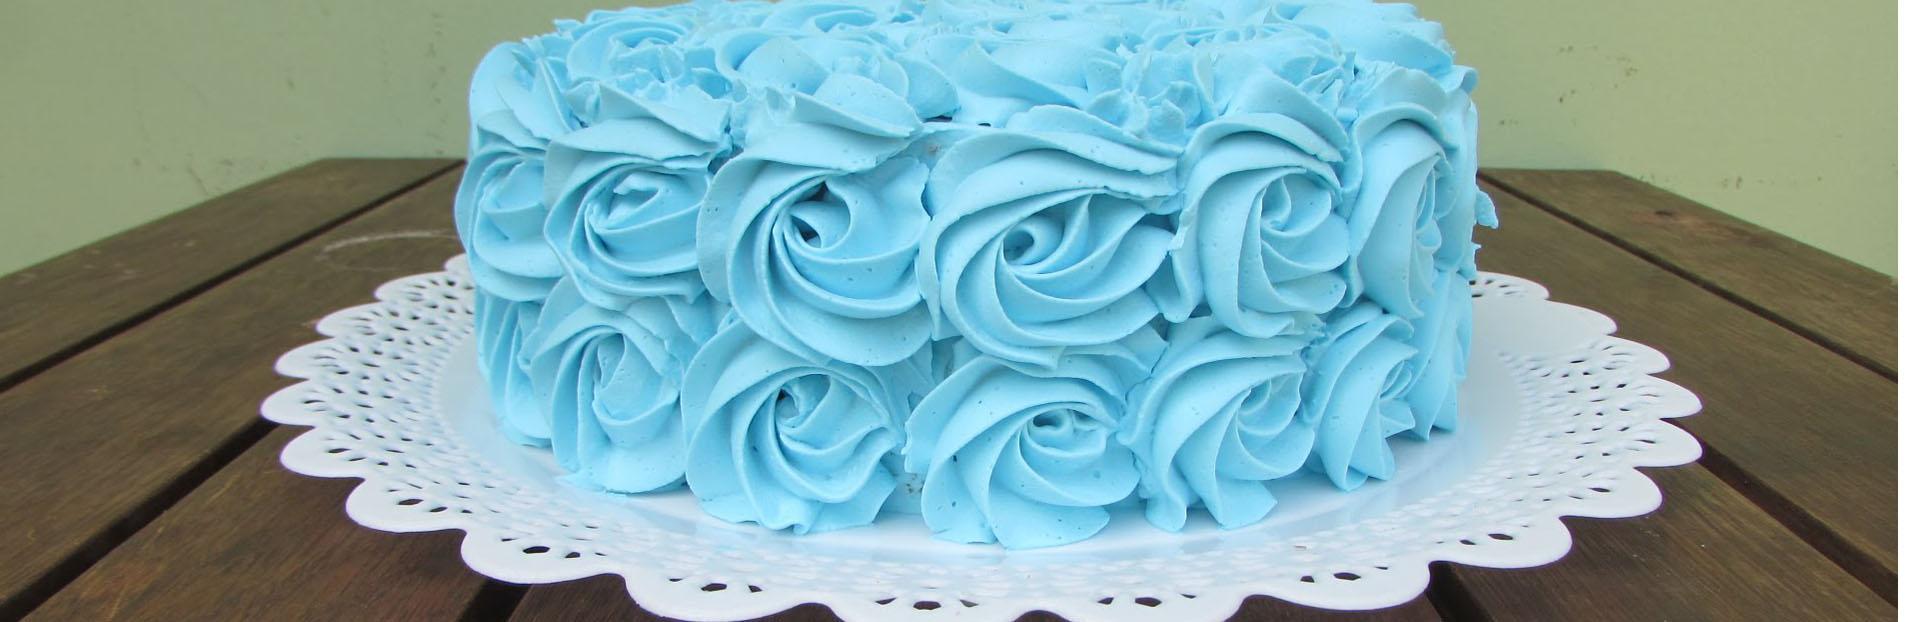 bolo de chantilly azul